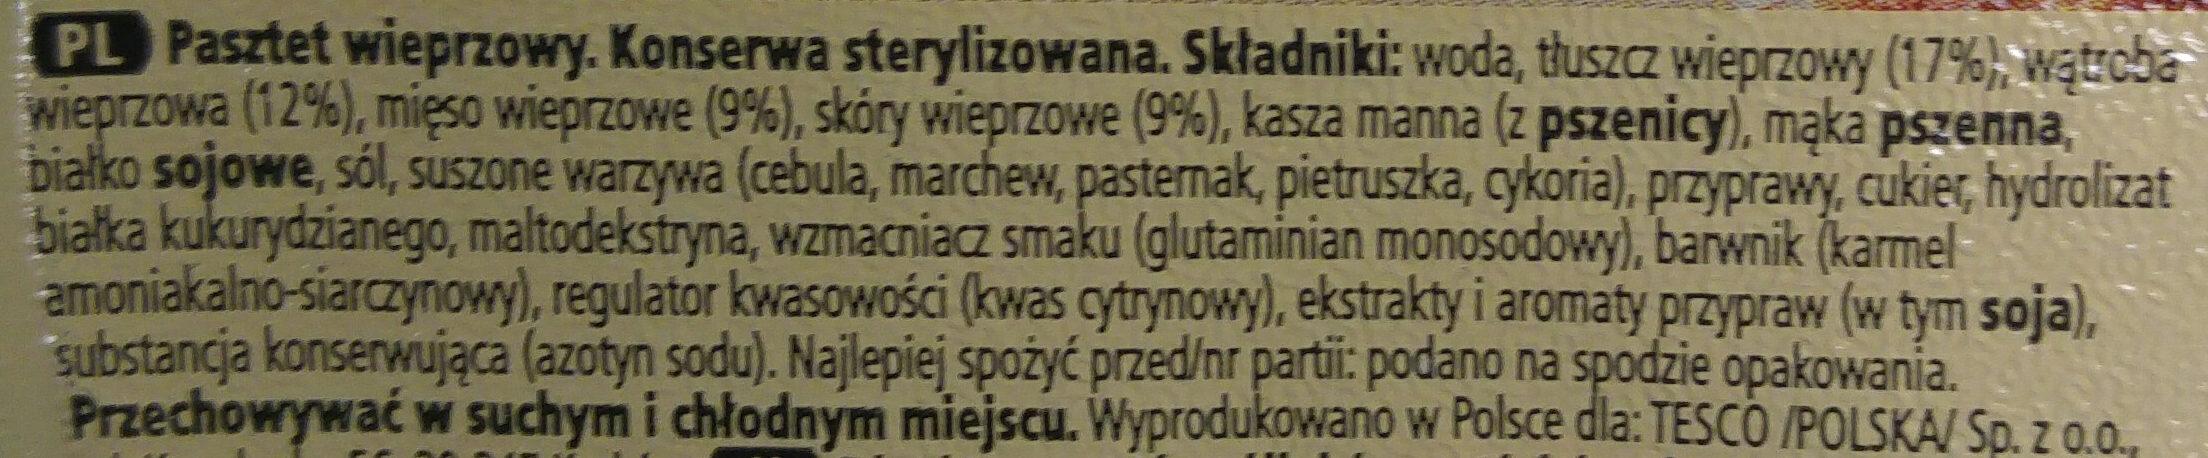 Pasztet wieprzowy - Składniki - pl